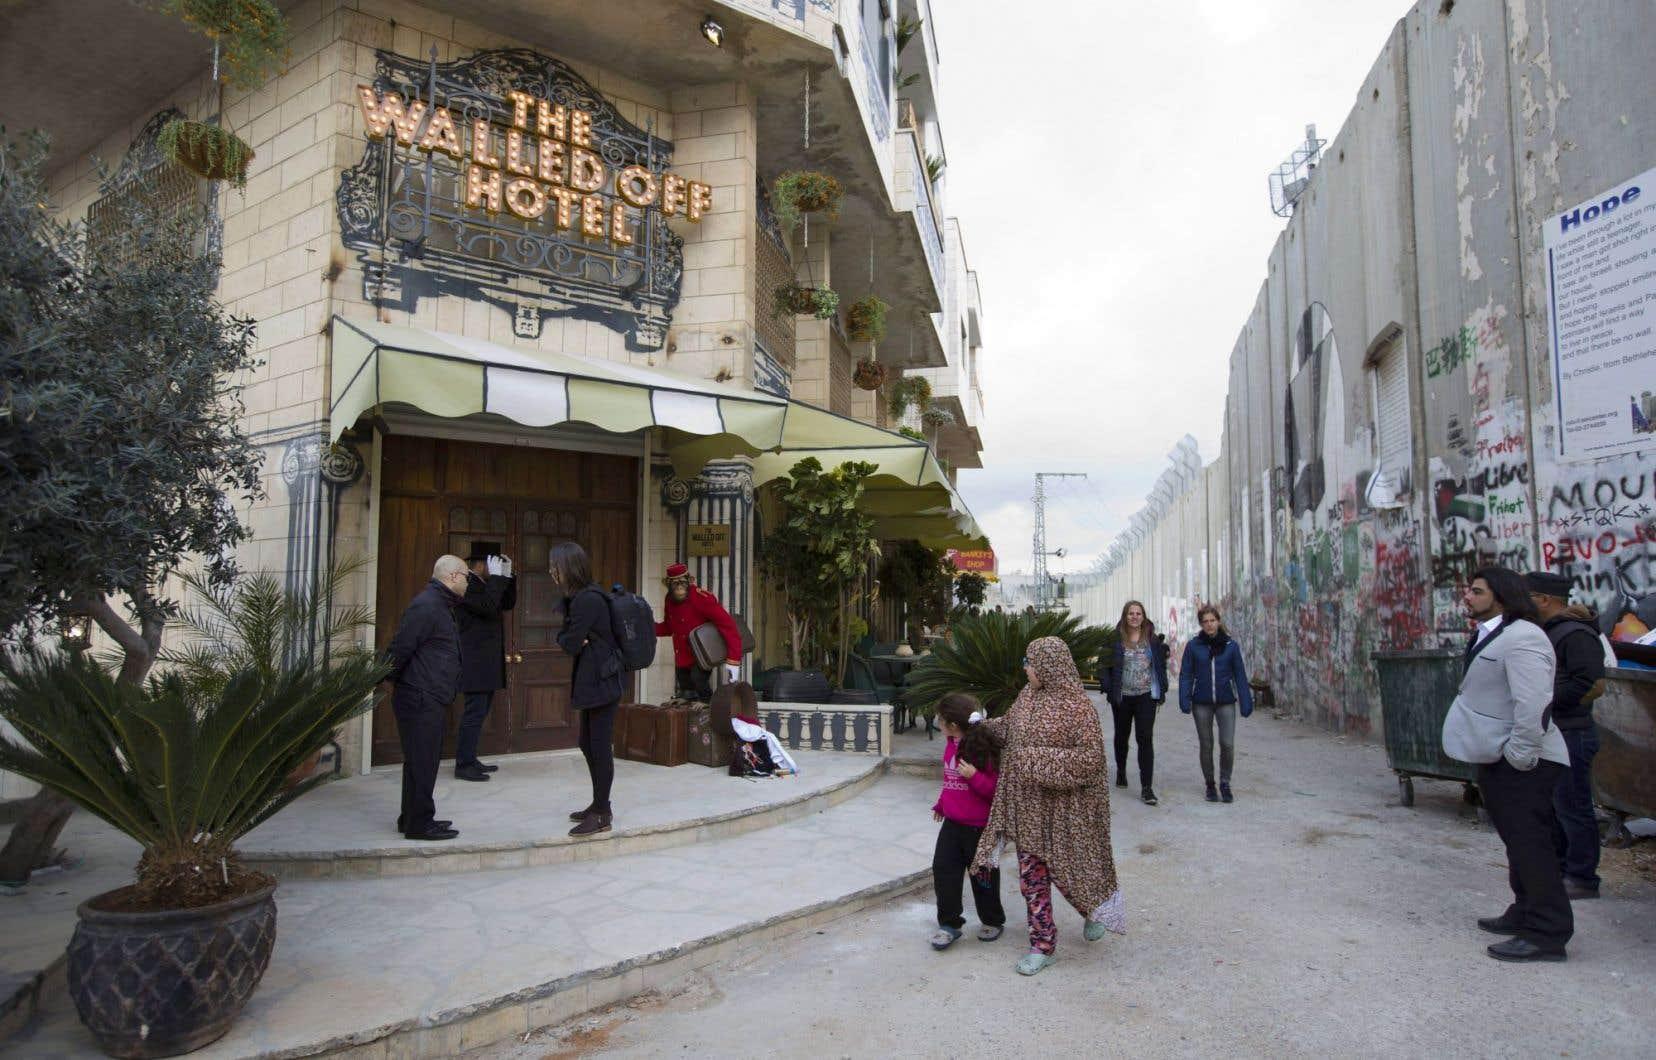 L'hôtel Walled Off, le projet fou de l'artiste Banksy, entre Israël et la Palestine, avec le mur de séparation comme décor